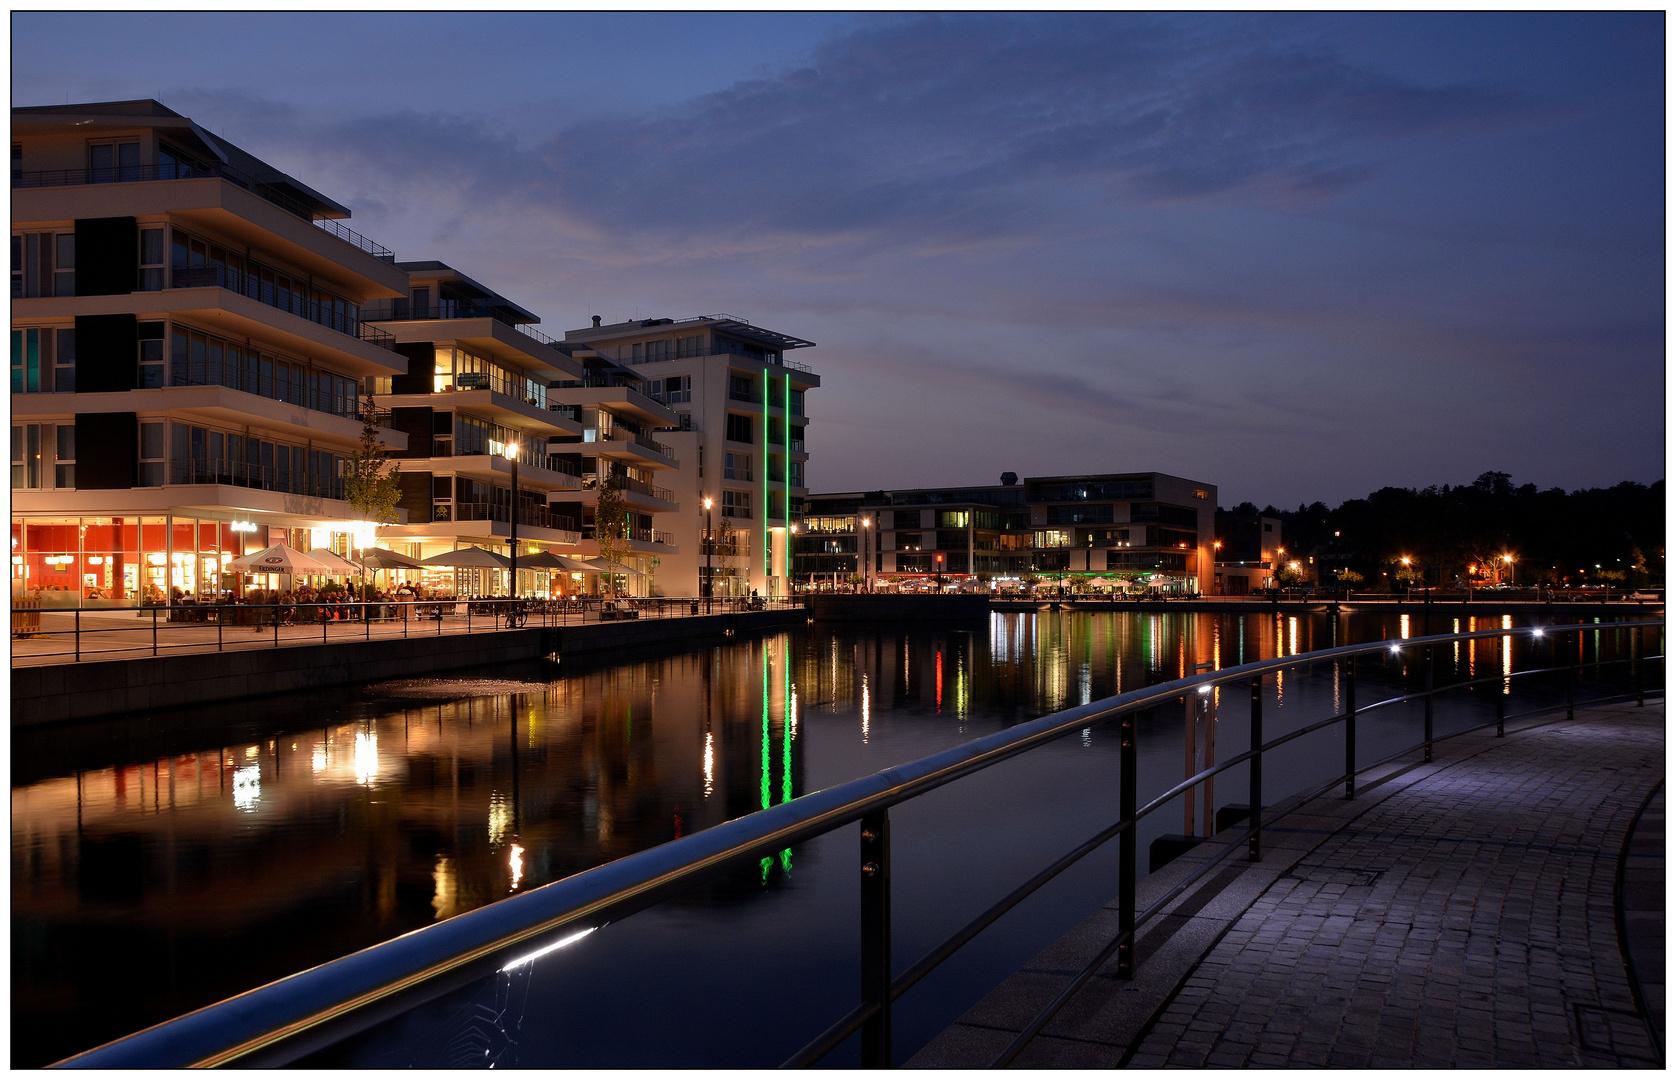 nachts am Phoenix See, Dortmund (3)